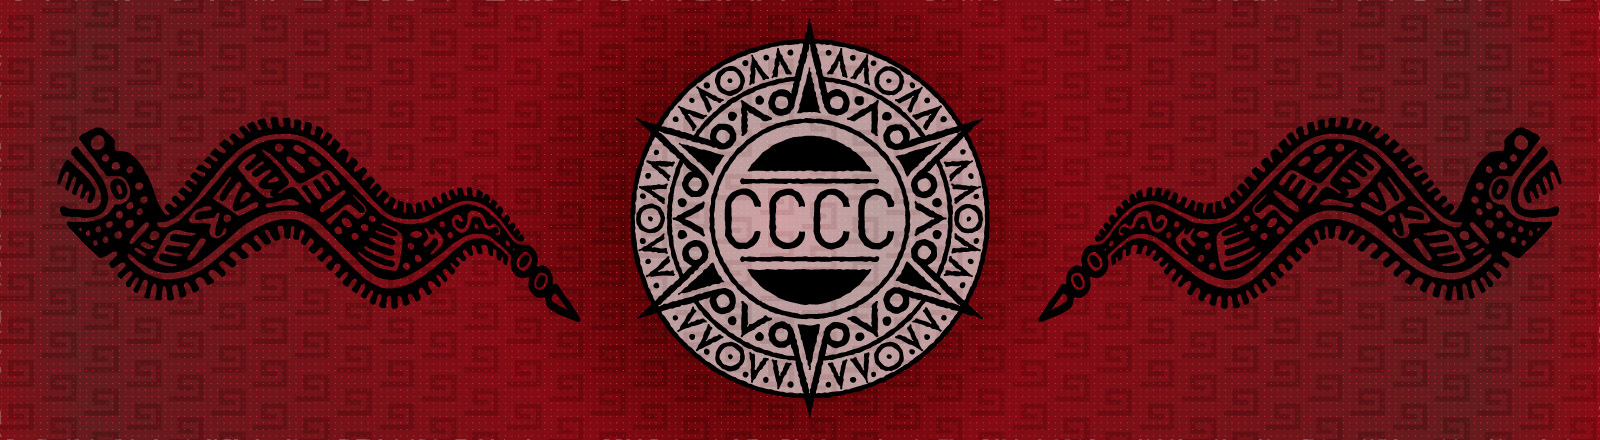 Cesar Chavez Cultural Center